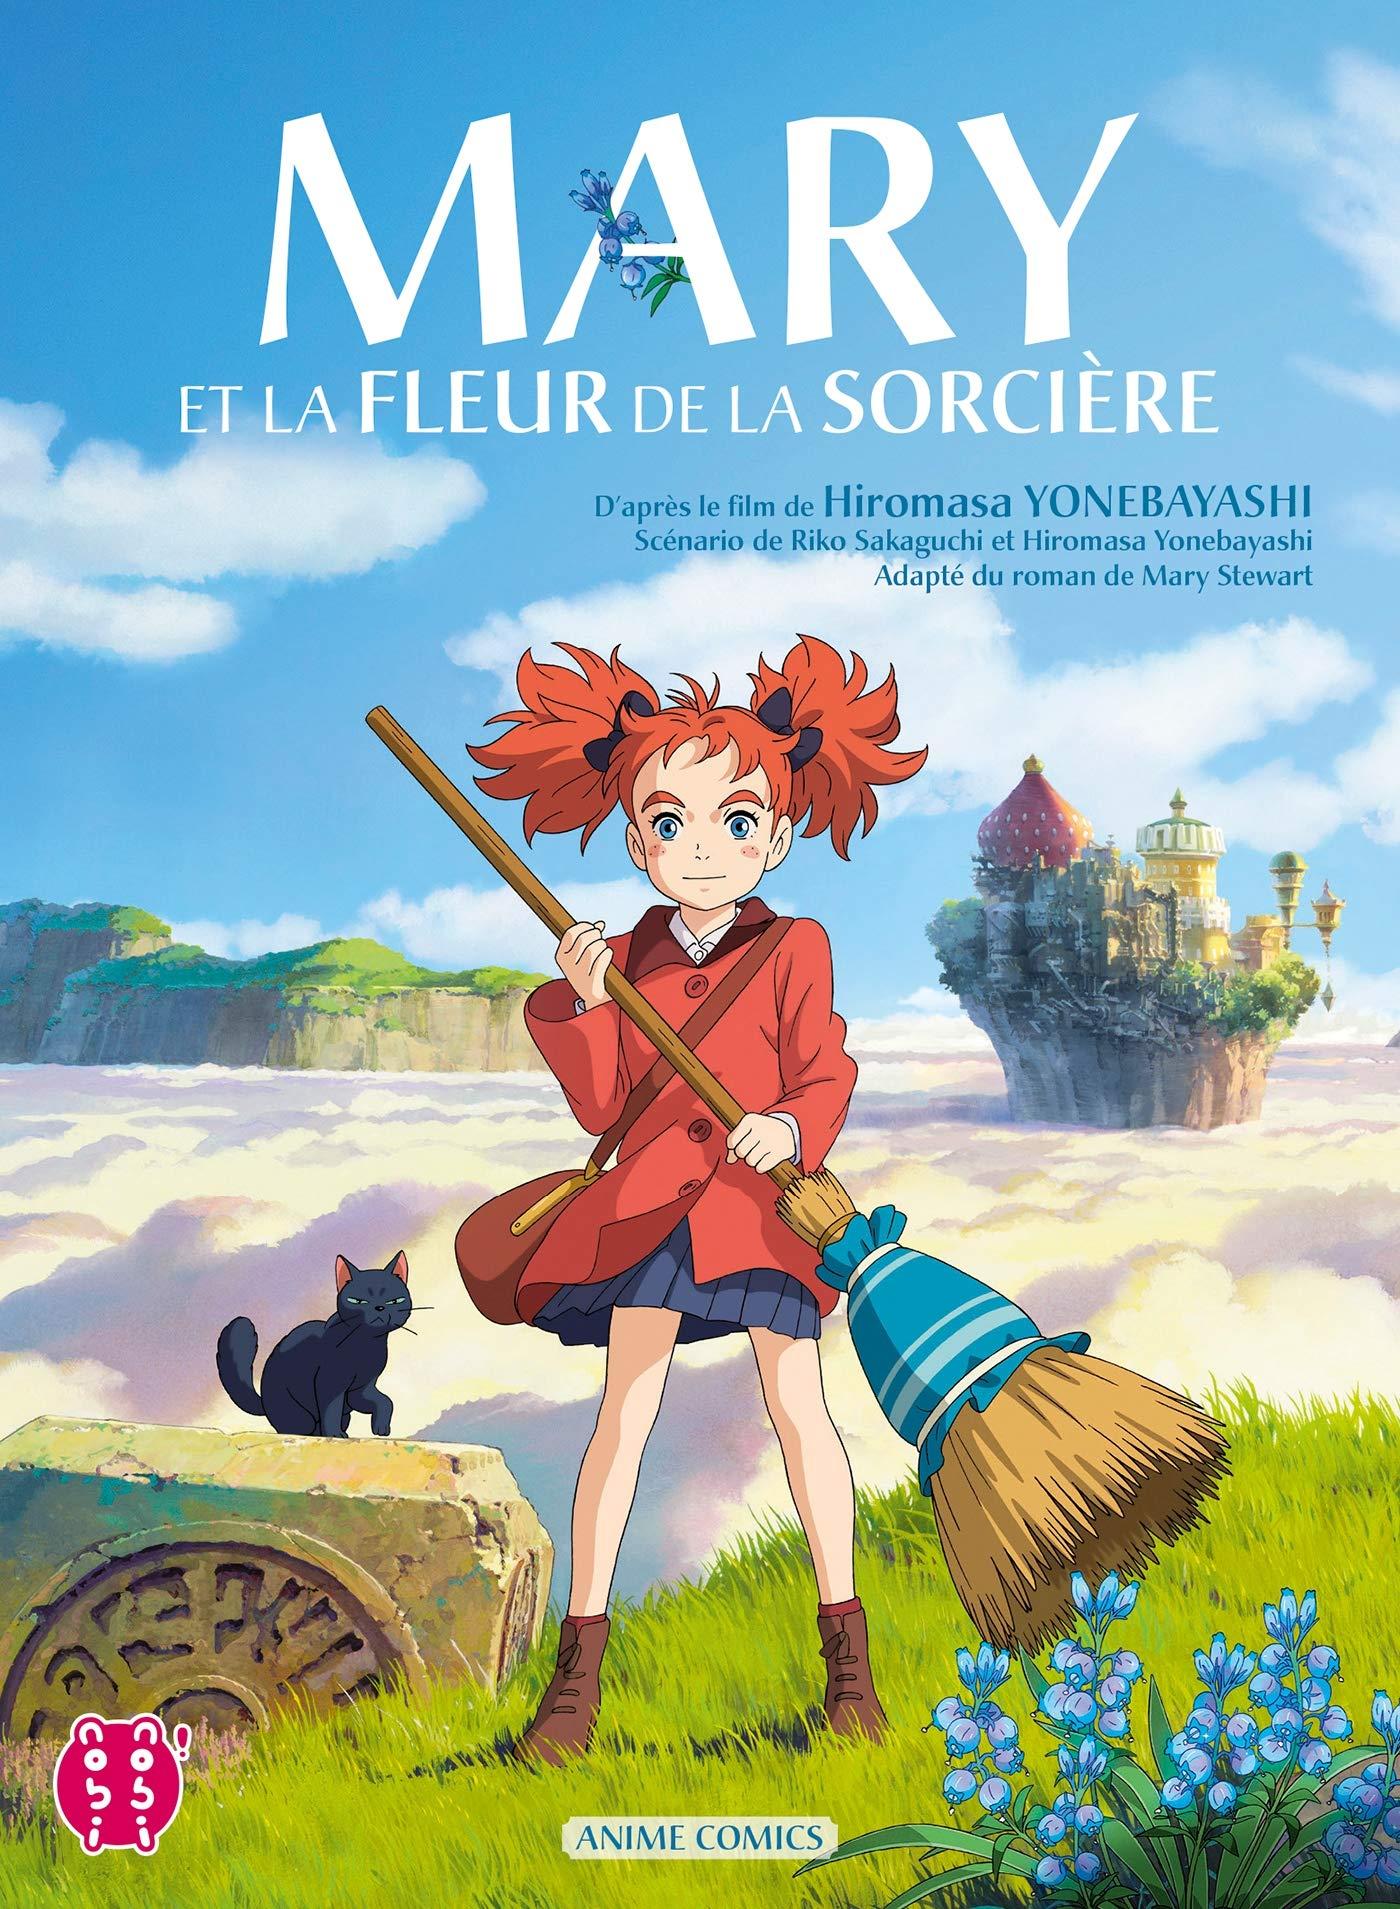 Amazon in: Buy Mary et la fleur de la sorcière - anime comics Book